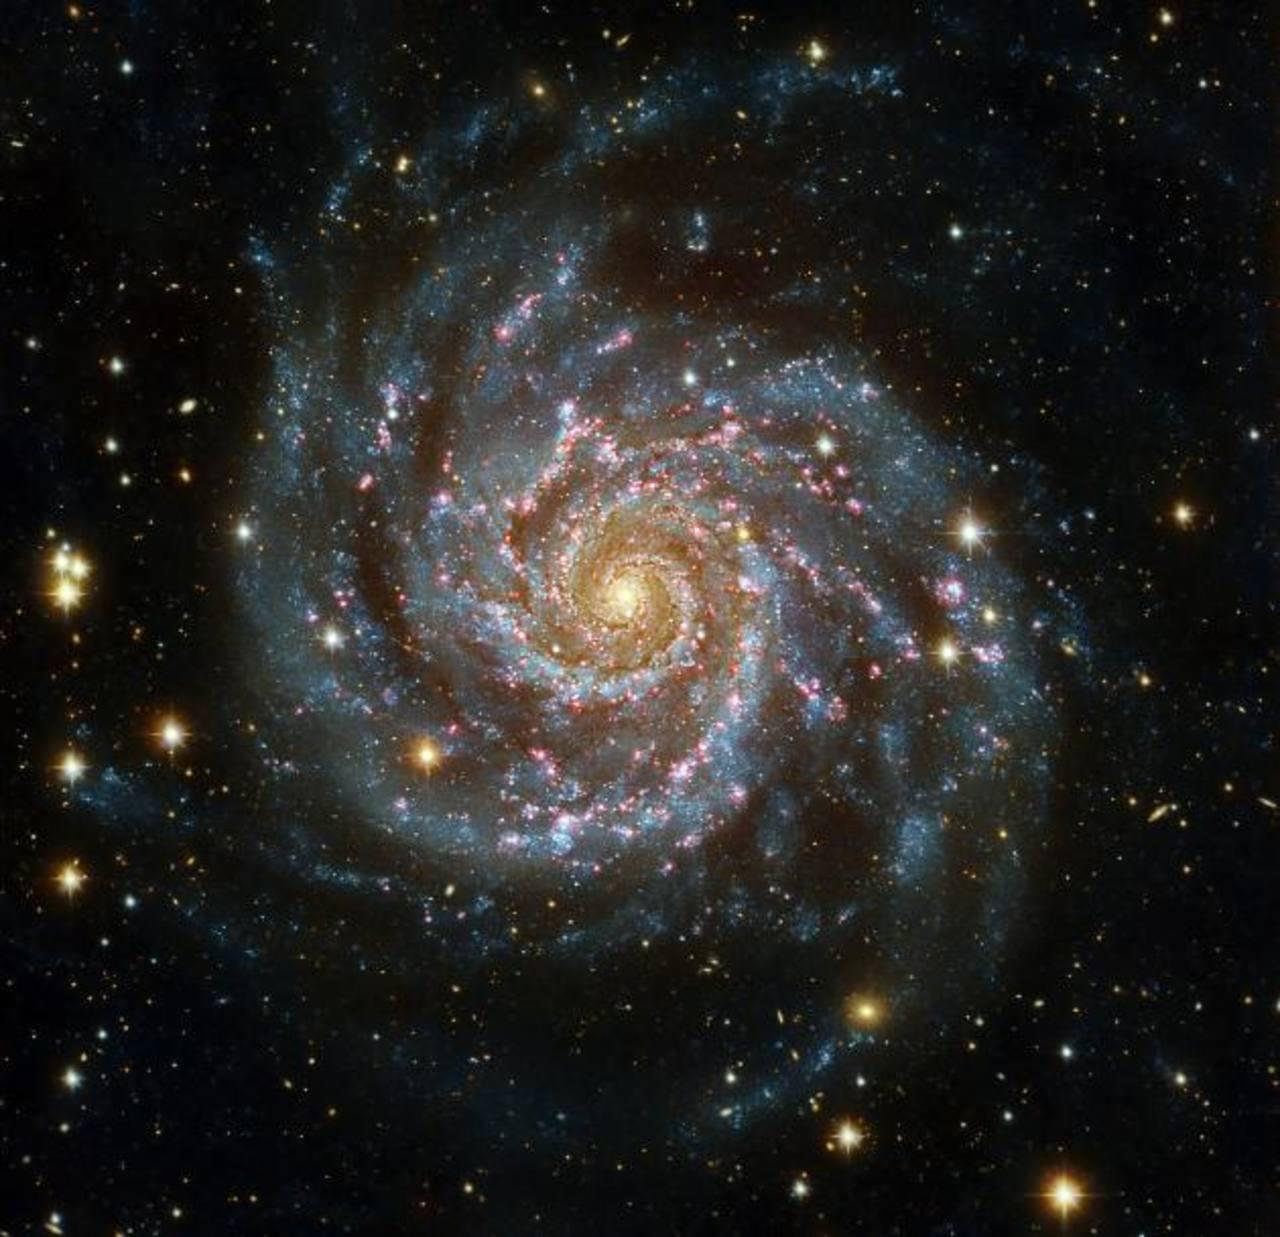 Las imágenes captadas por Planck muestran grupos de decenas de galaxias que todavía se están formando y que son relativamente más pequeñas y compactas que la nuestra. foto EDH